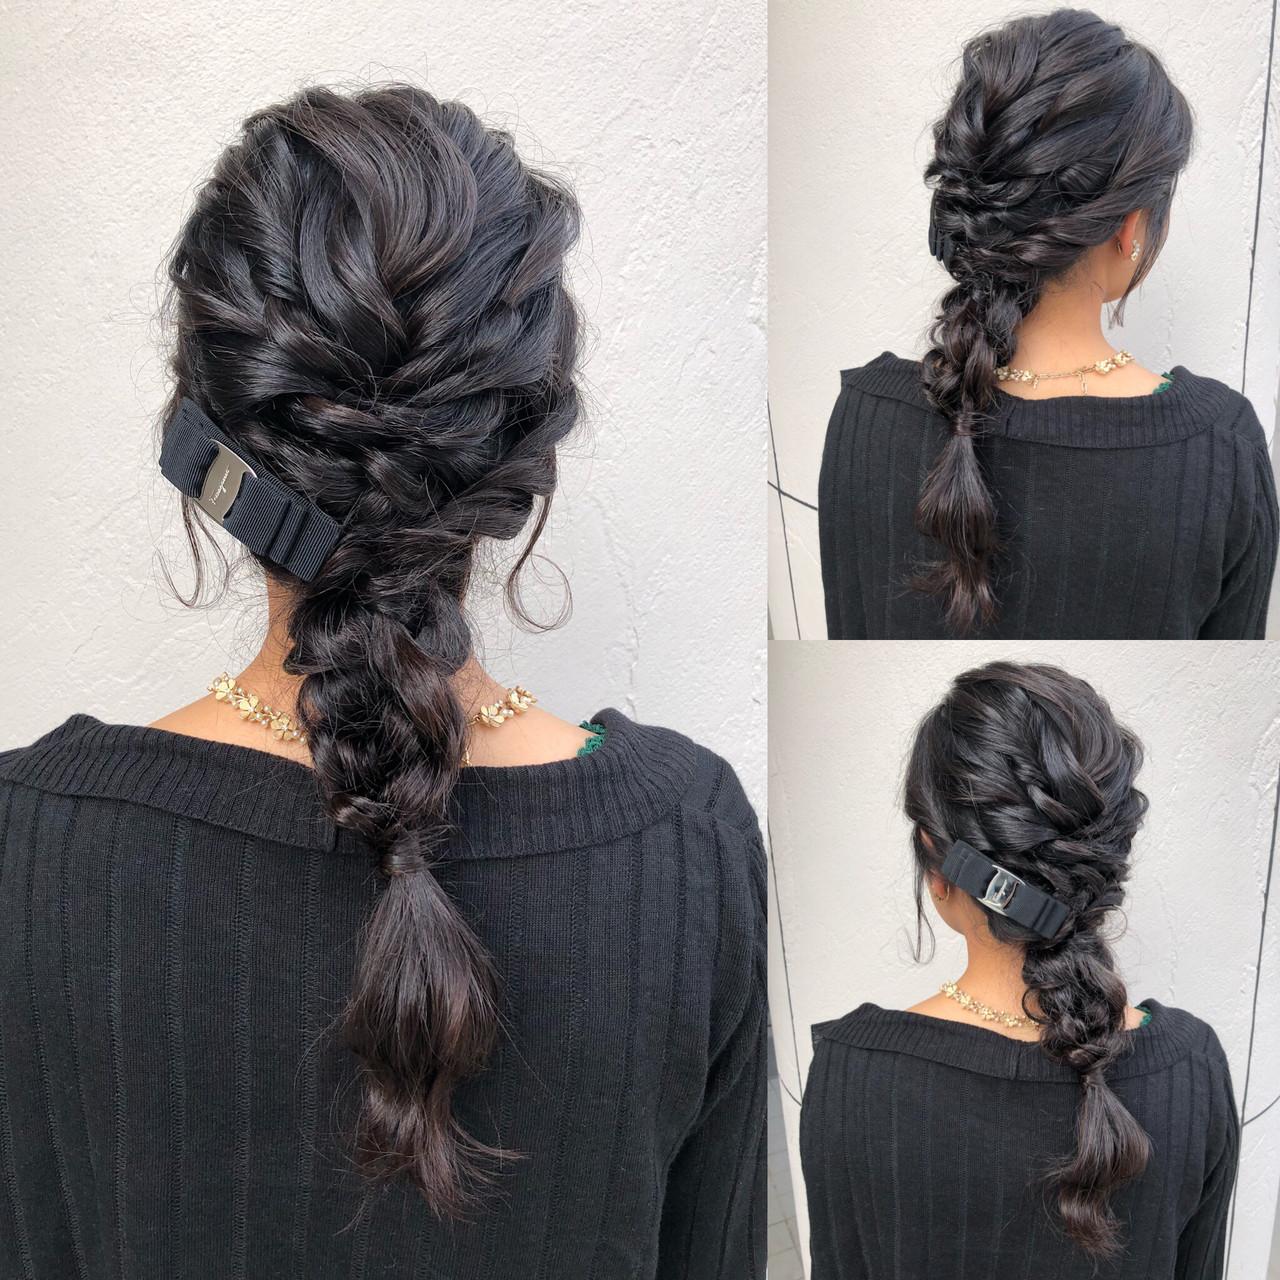 お呼ばれヘア 小顔ヘア フェミニン ロング ヘアスタイルや髪型の写真・画像